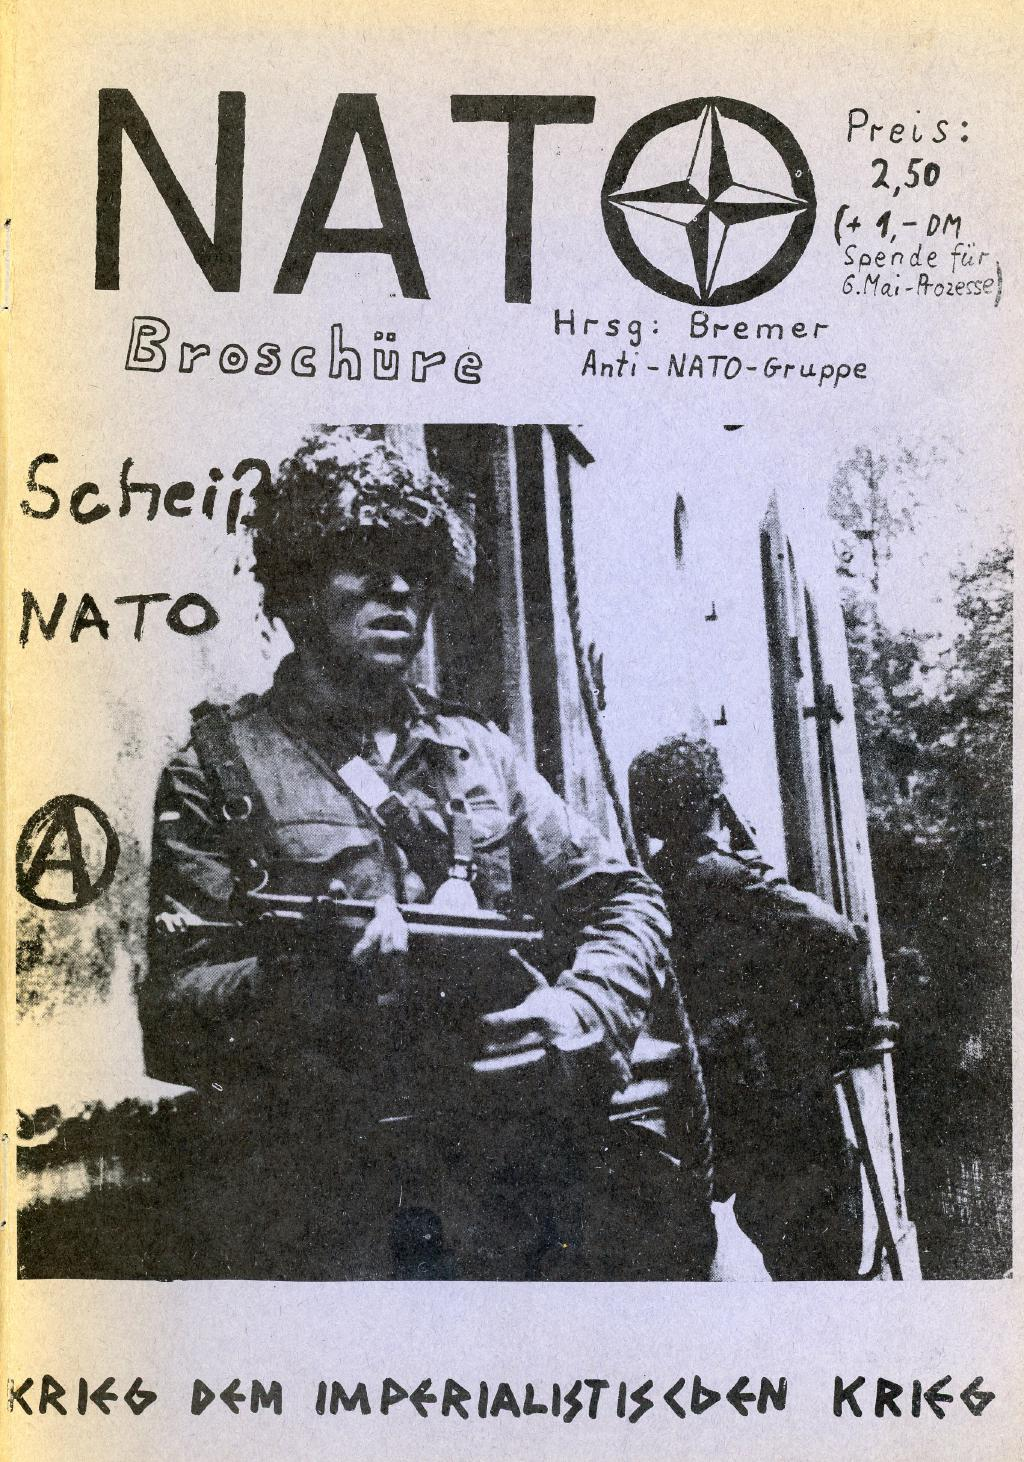 Bremen_1980_NATO_Broschuere_01